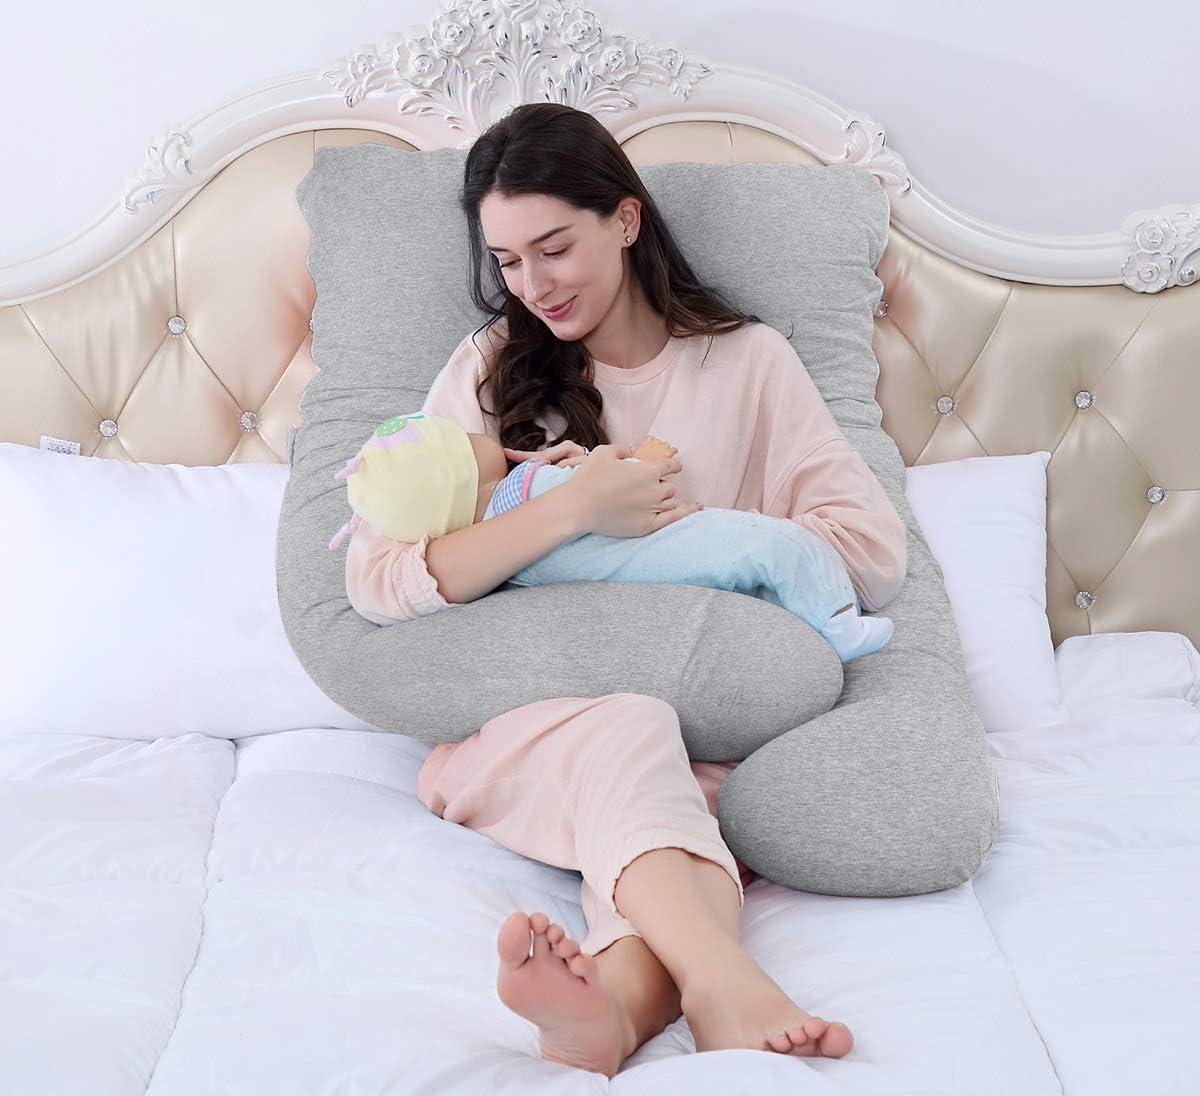 Seitenschl/äferkissen QUEEN ROSE U-f/örmiges Schwangerschaftskissen 140 x 78 cm, Baumwolle, Grau Lagerungskissen mit Abnehmbarem und Waschbarem Bezug